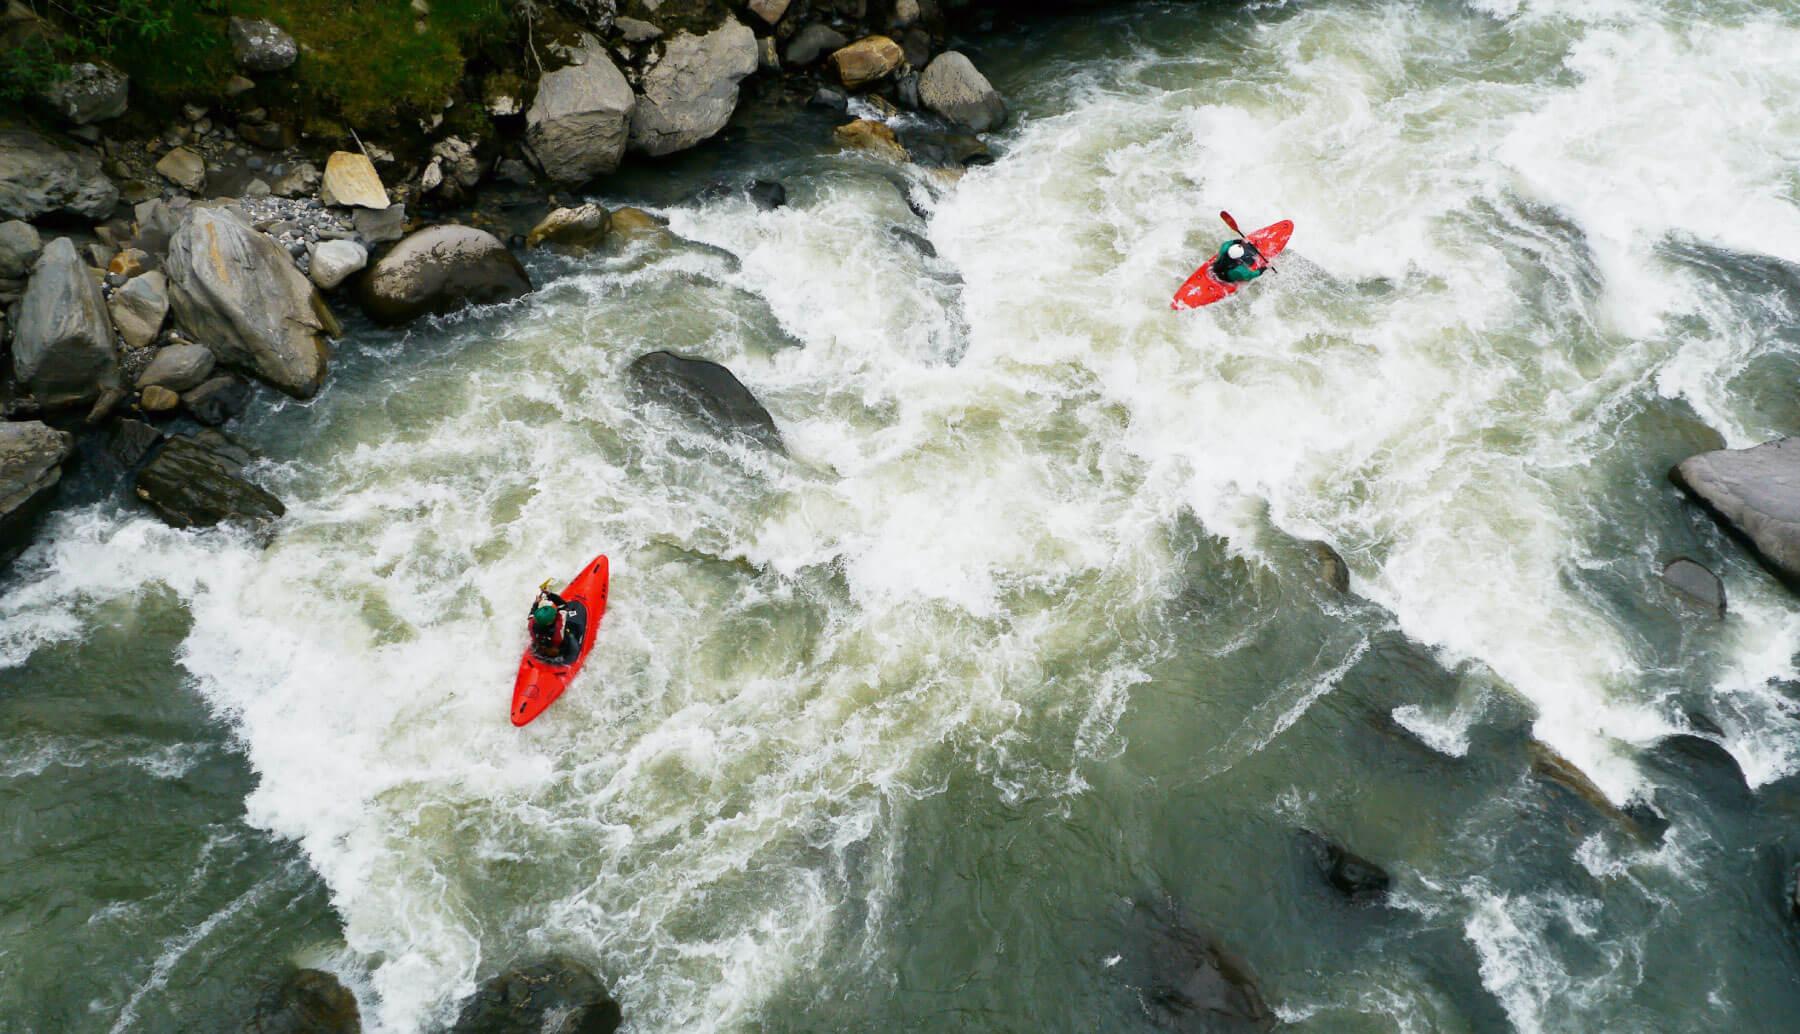 Whitewater kayak Ecuador | Kayak Guided trip Ecuador